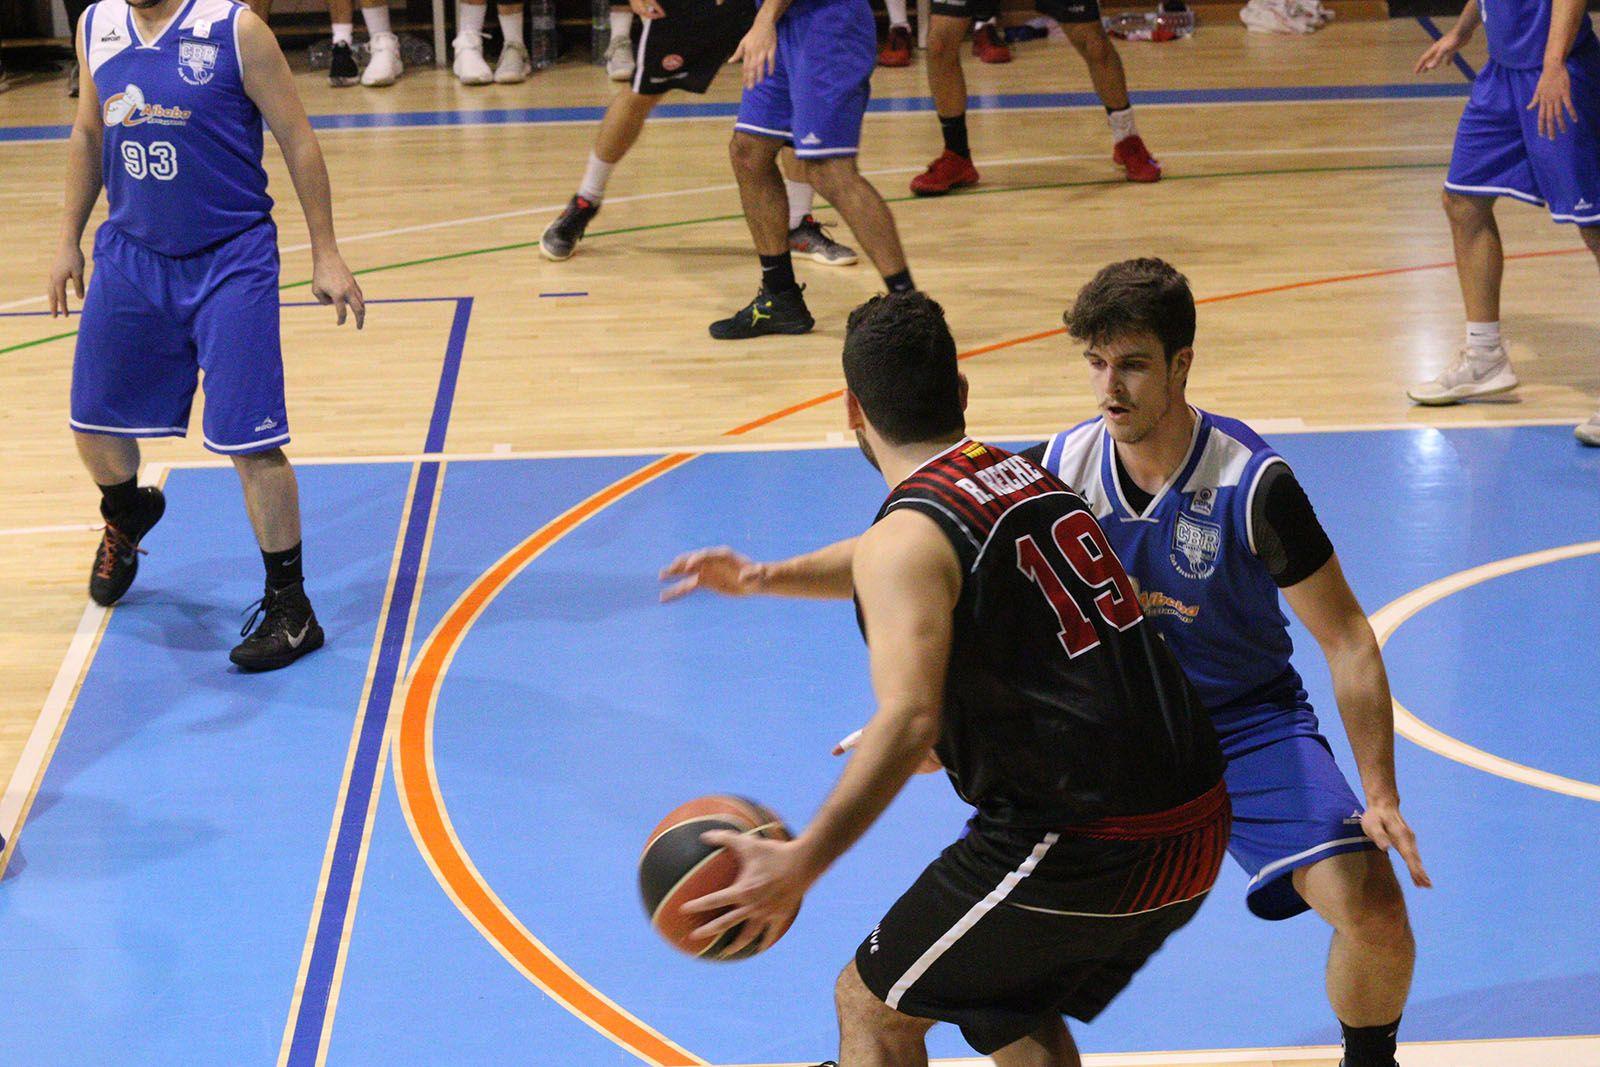 Lliga de Bàsquet: UE Sant Cugat-CB Ripollet. Foto: Lali Álvarez